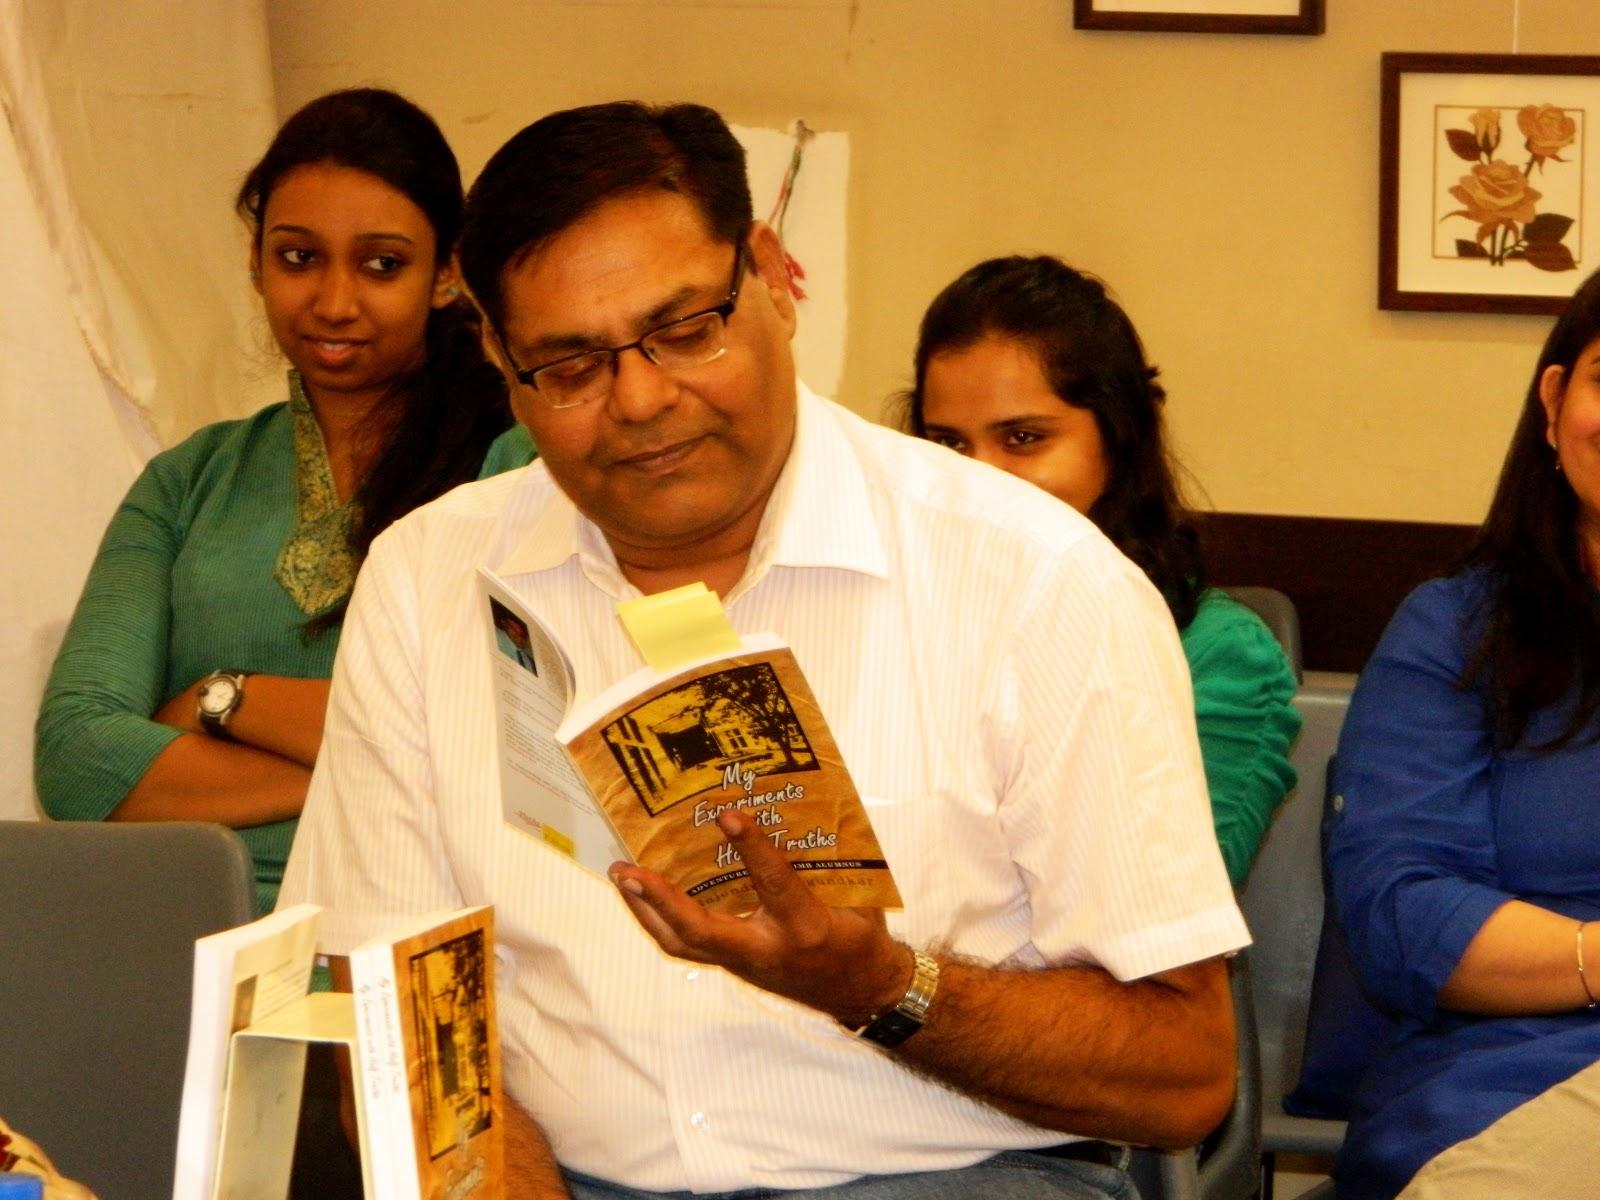 sharu rangnekar Speakers : prof m m sharma, shri rajeev pandia, prof a p kudchadkar, dr a n dravid, mr sharu rangnekar, mr pradeep jaipuria, mr r parthasarathy.